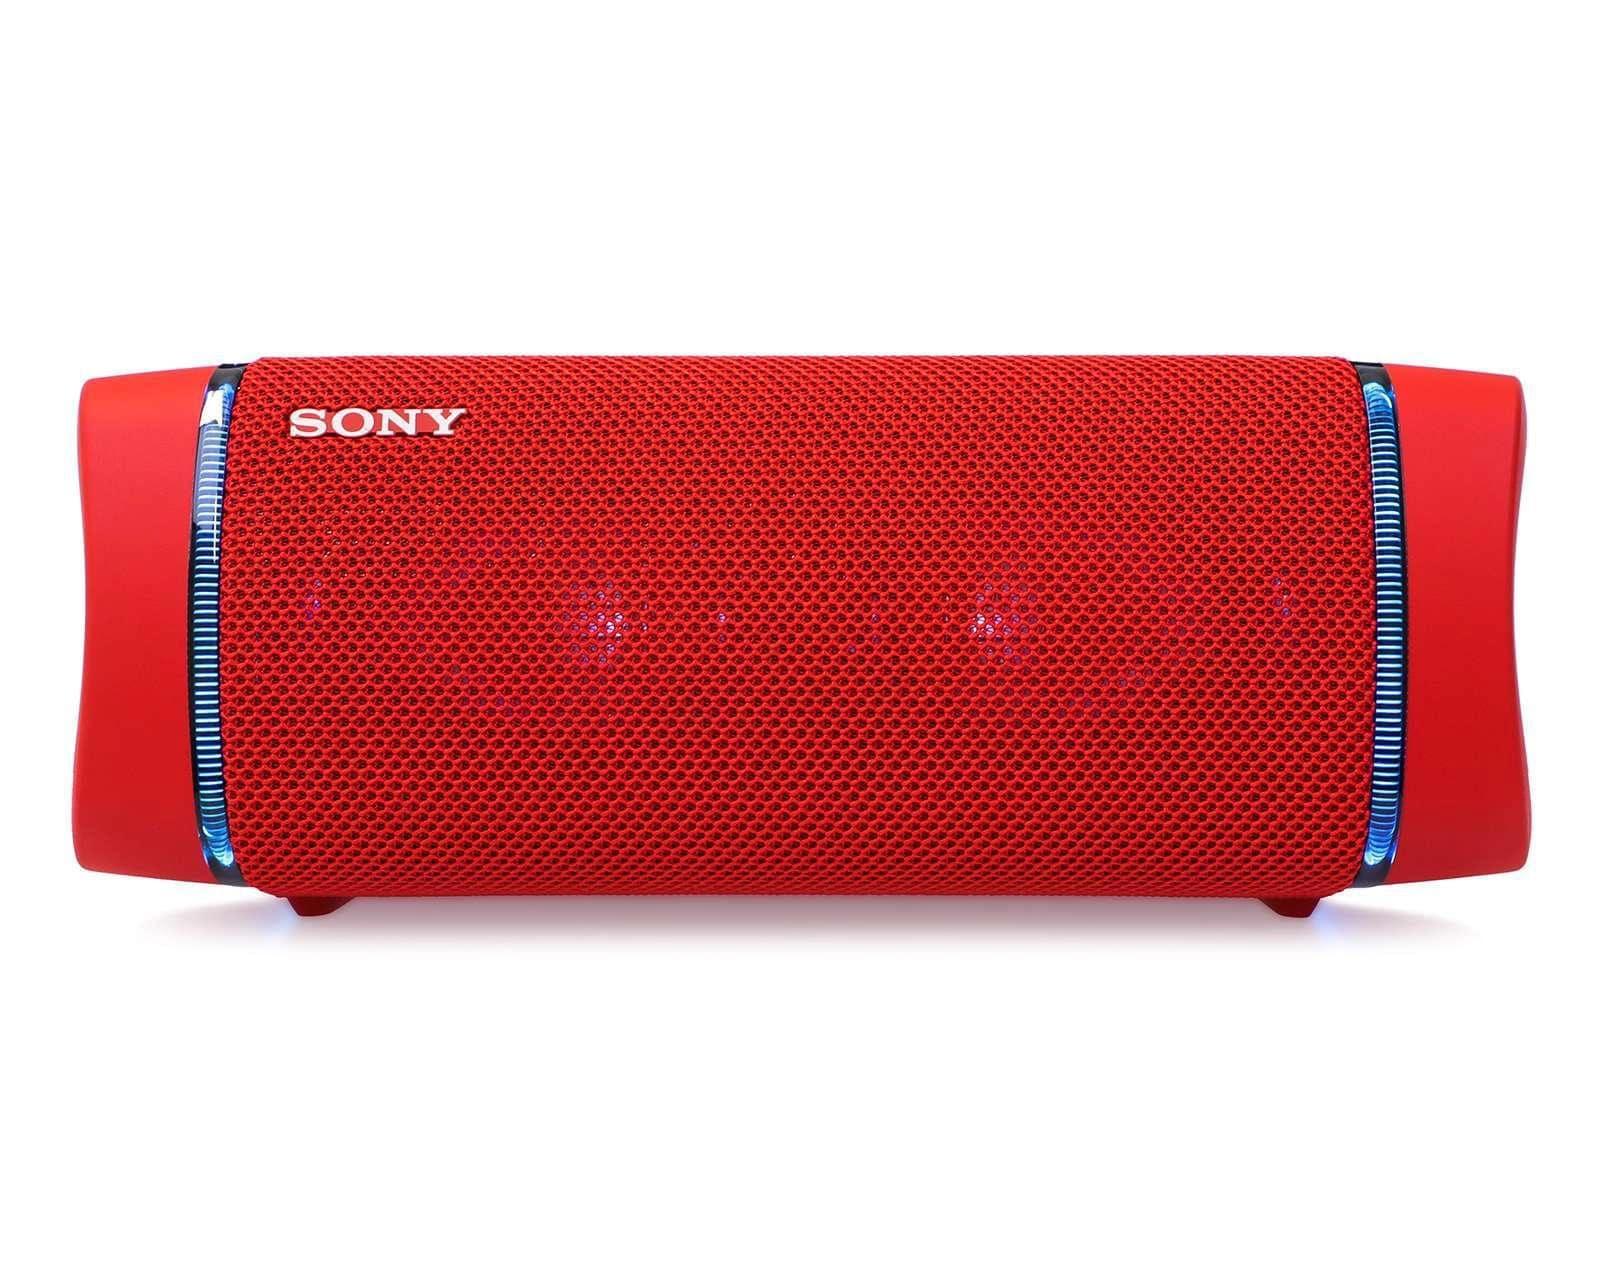 Foto 1|Bocina Inalámbrica Sony SRS-XB33/RC LA con Bluetooth